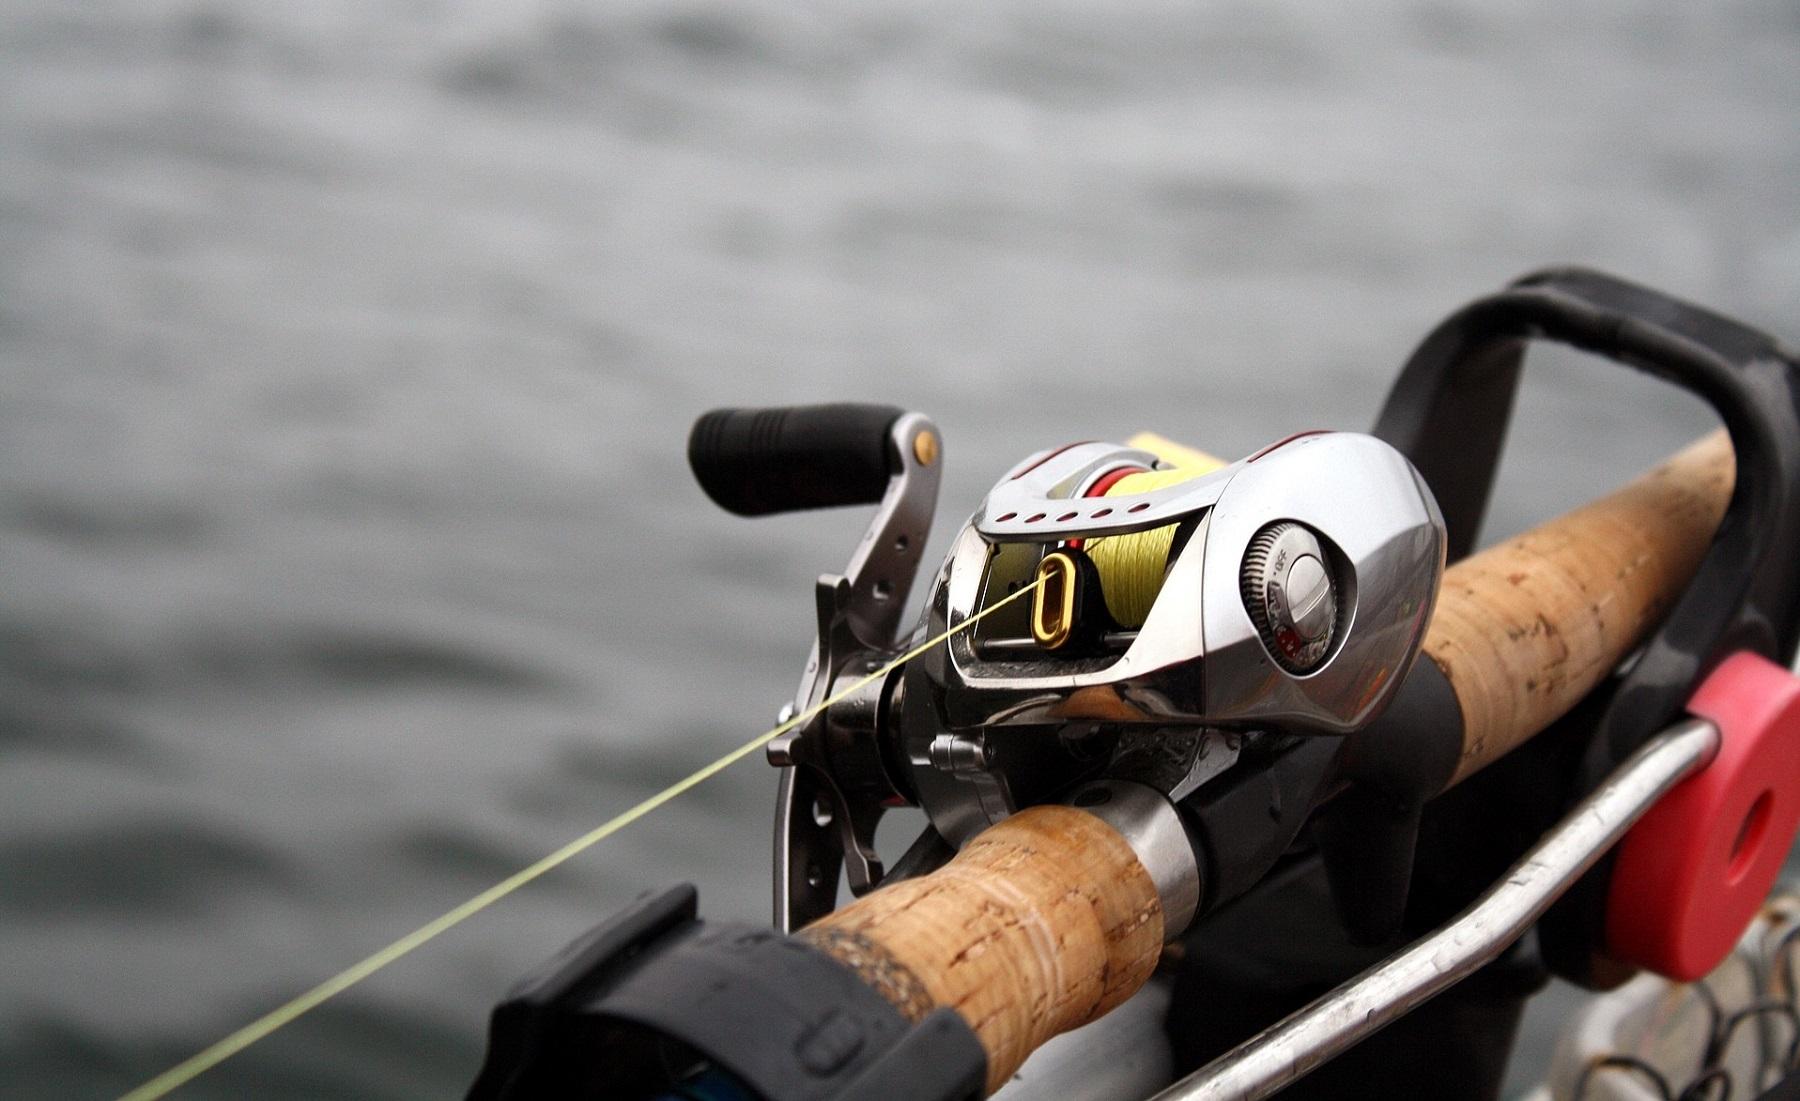 best baitcasting reel for saltwater fishingforsport